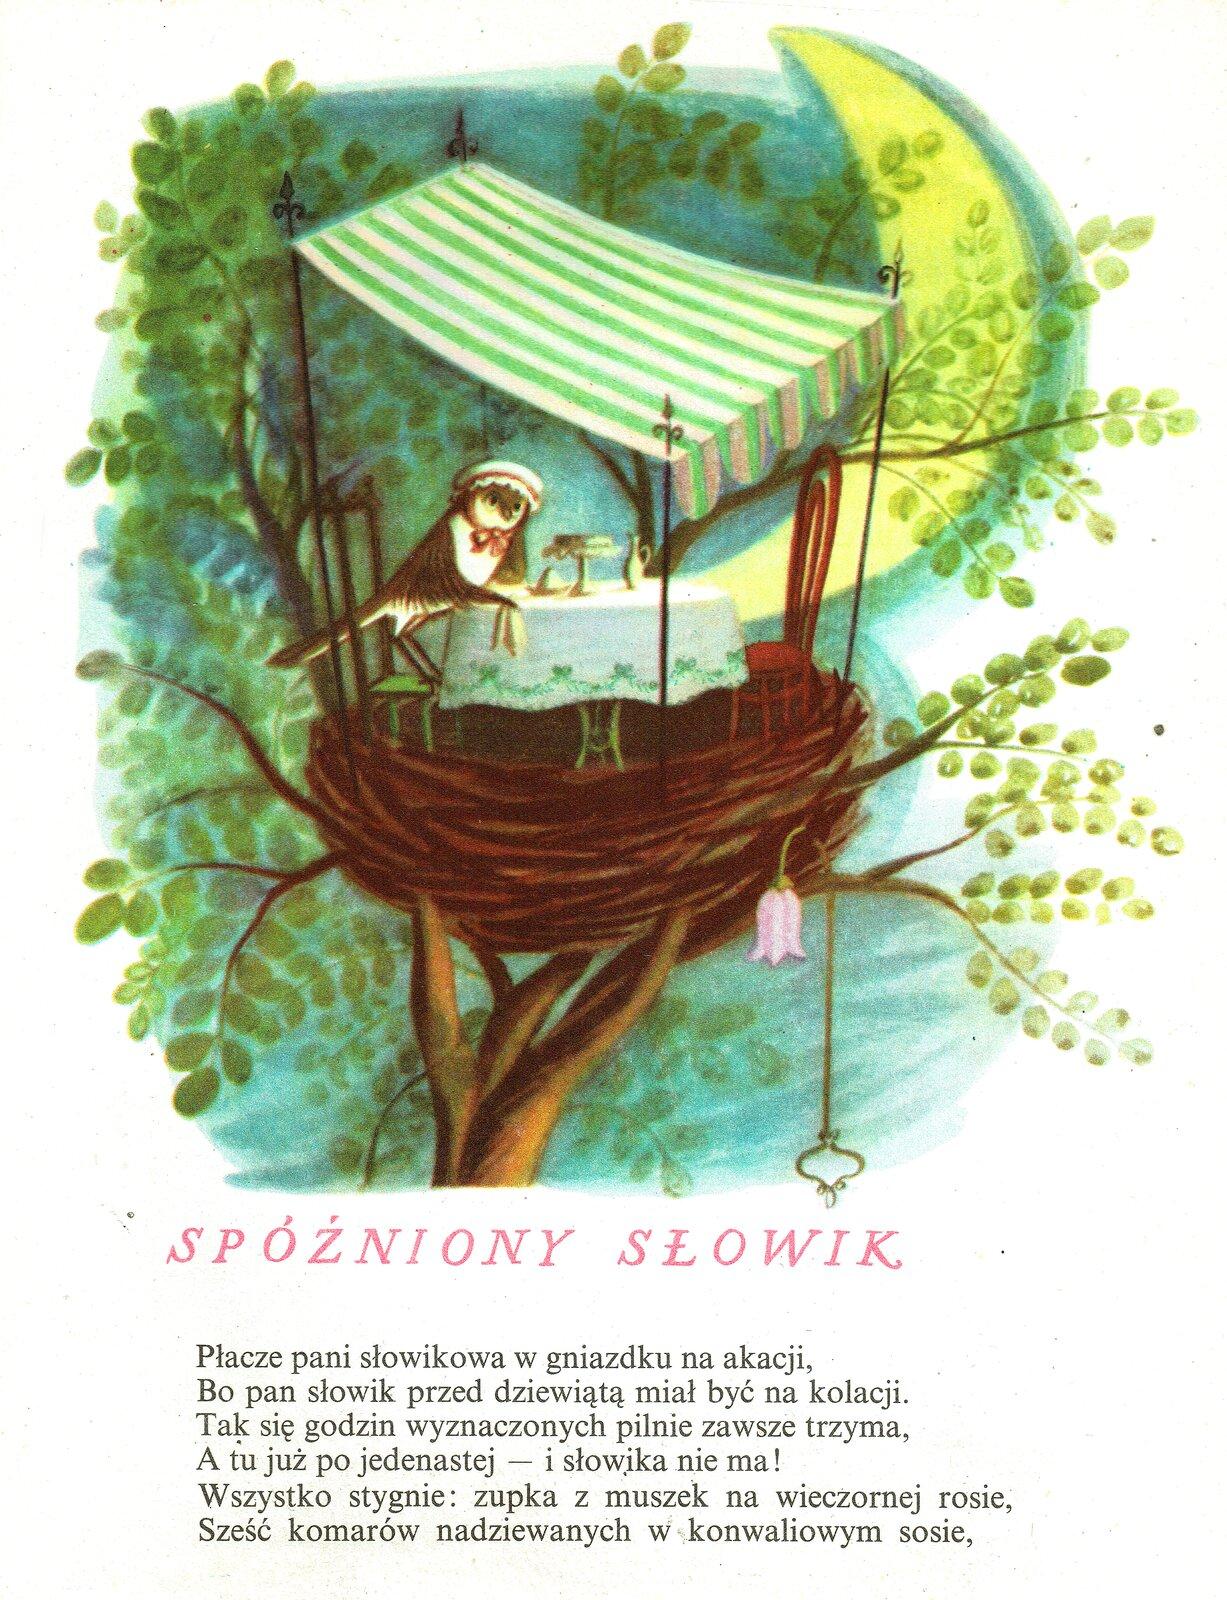 """Ilustracja przedstawia pracę Olgi Siemaszko zksiążki Juliana Tuwima """"Wiersze dla dzieci"""". Ukazuje drzewo zgniazdem, nad którym rozłożona jest markiza wzielono-białe pasy. Pod nią przy stole siedzi ptak. Stół jest zastawiony jedzeniem inakryty białym obrusem. Za drzewami, na niebieskim niebie widnieje duży róg księżyca."""